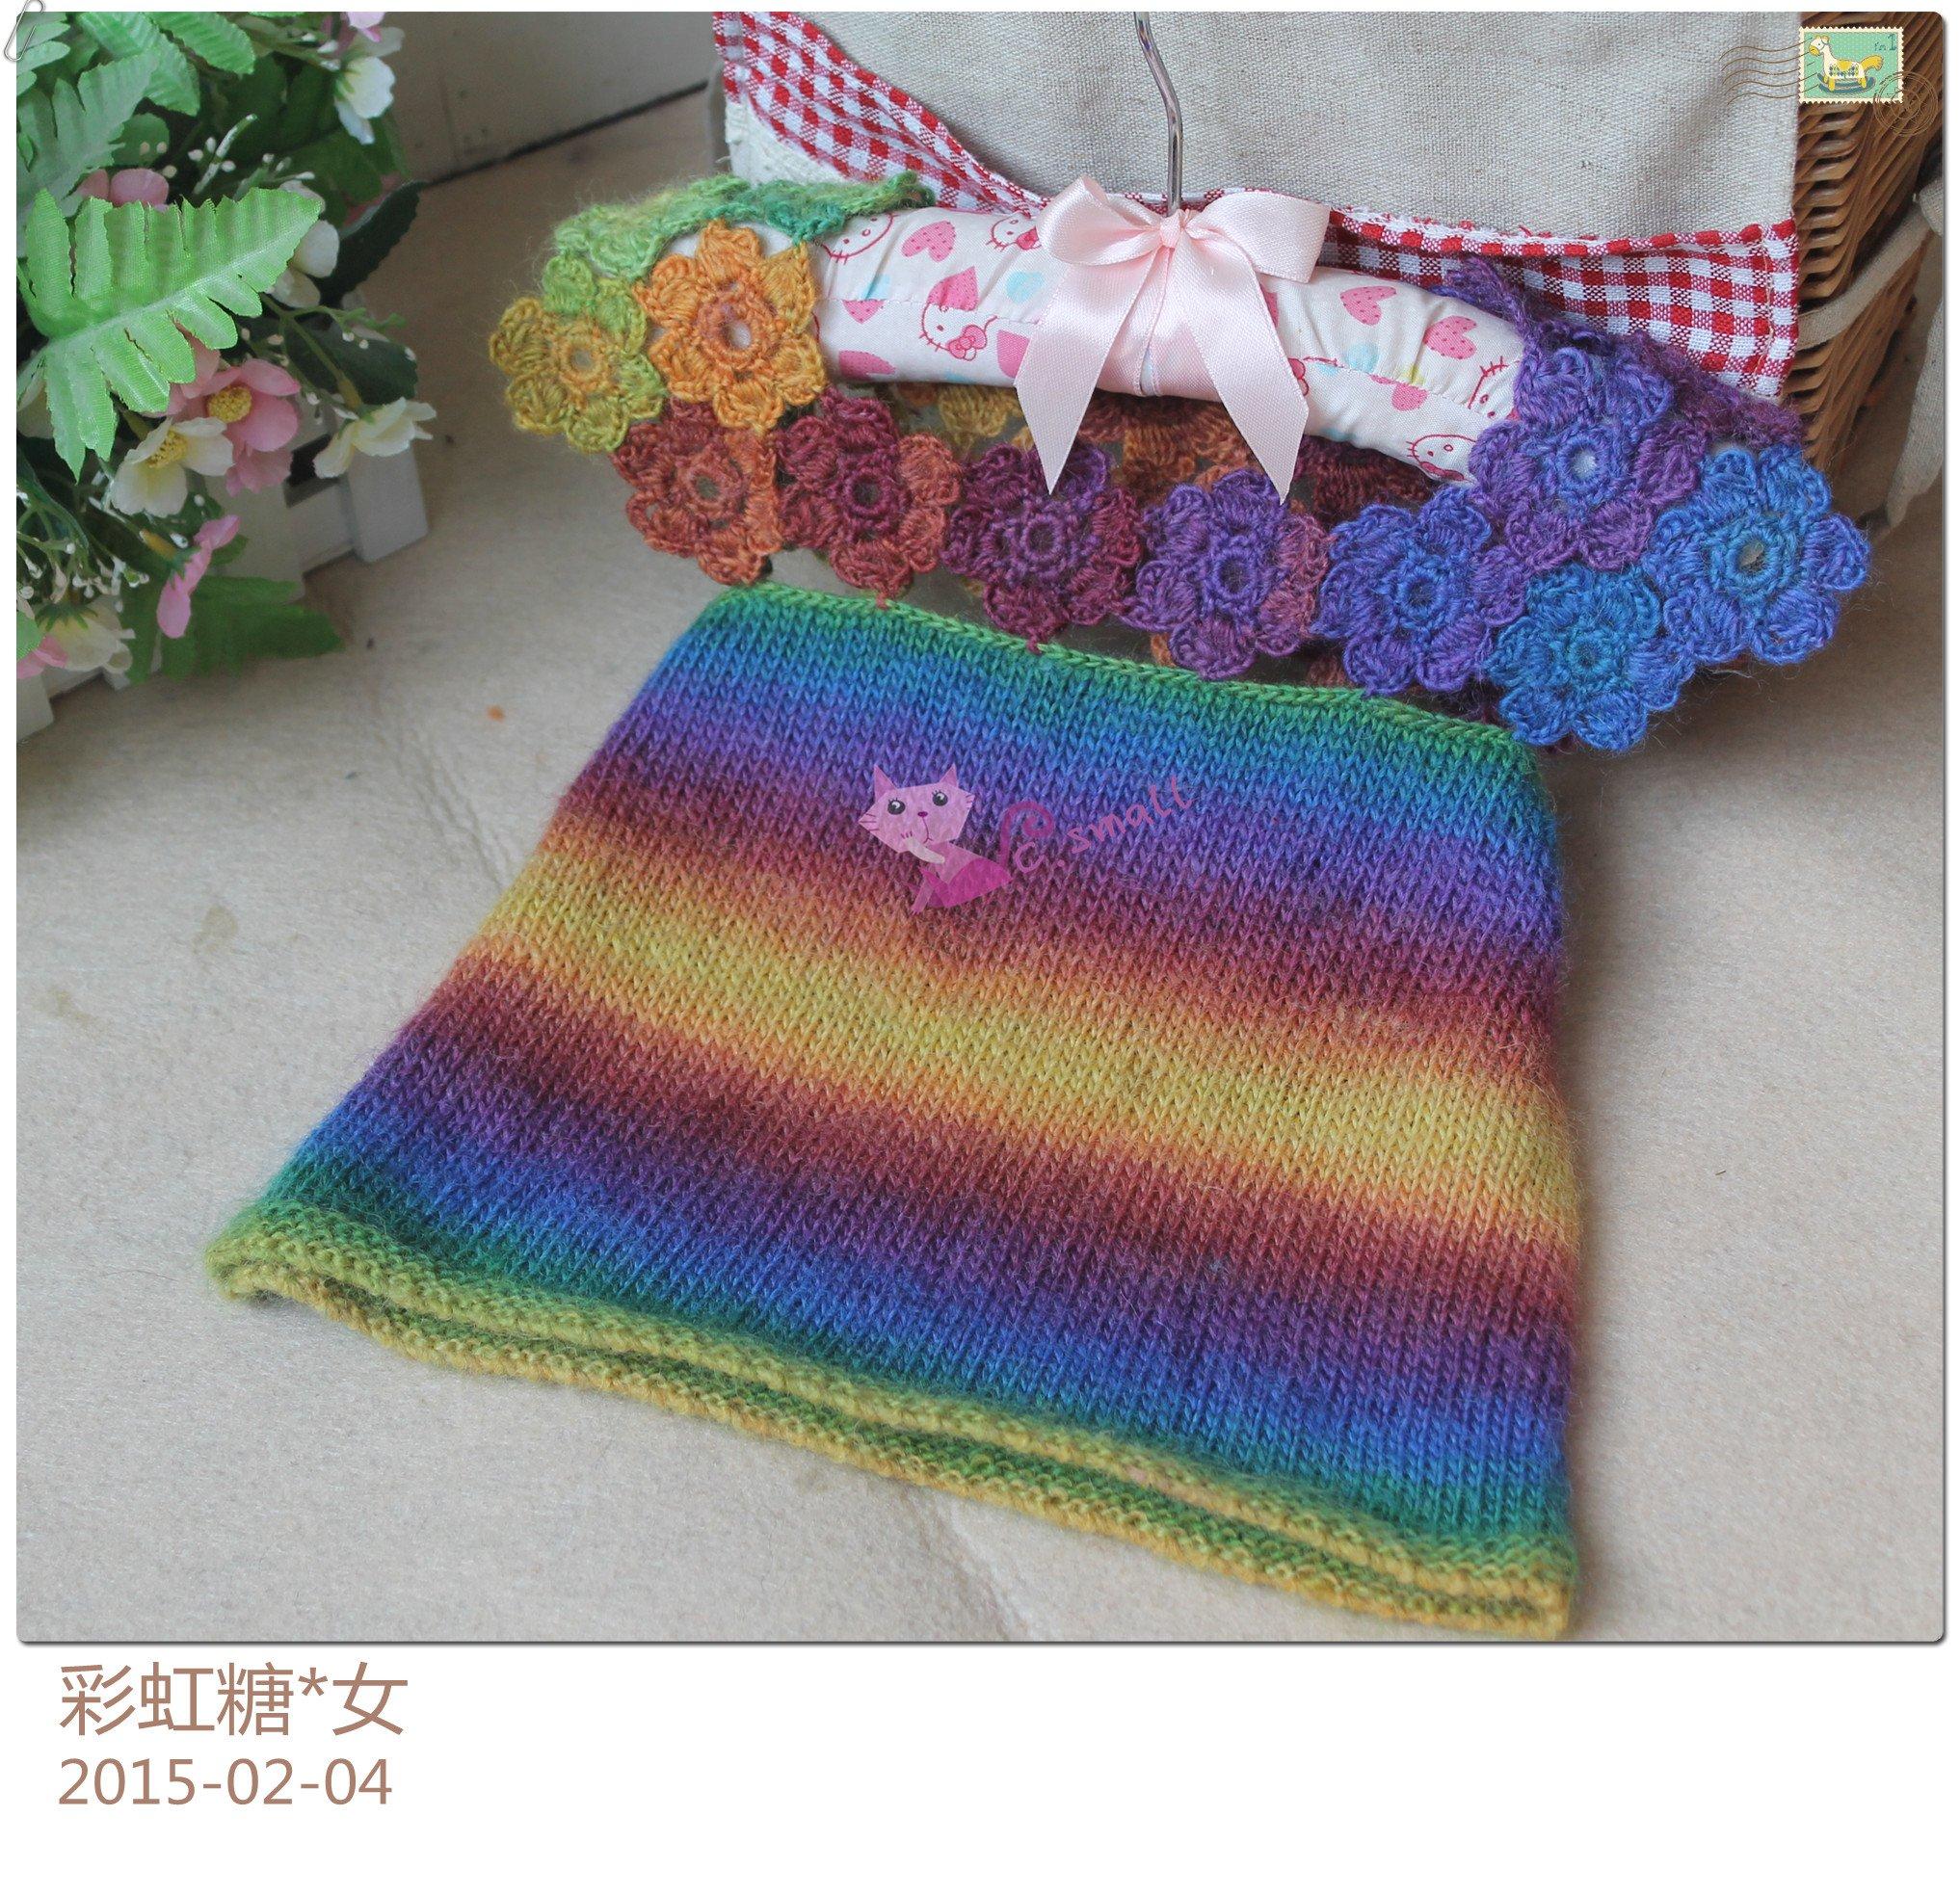 彩虹3.jpg